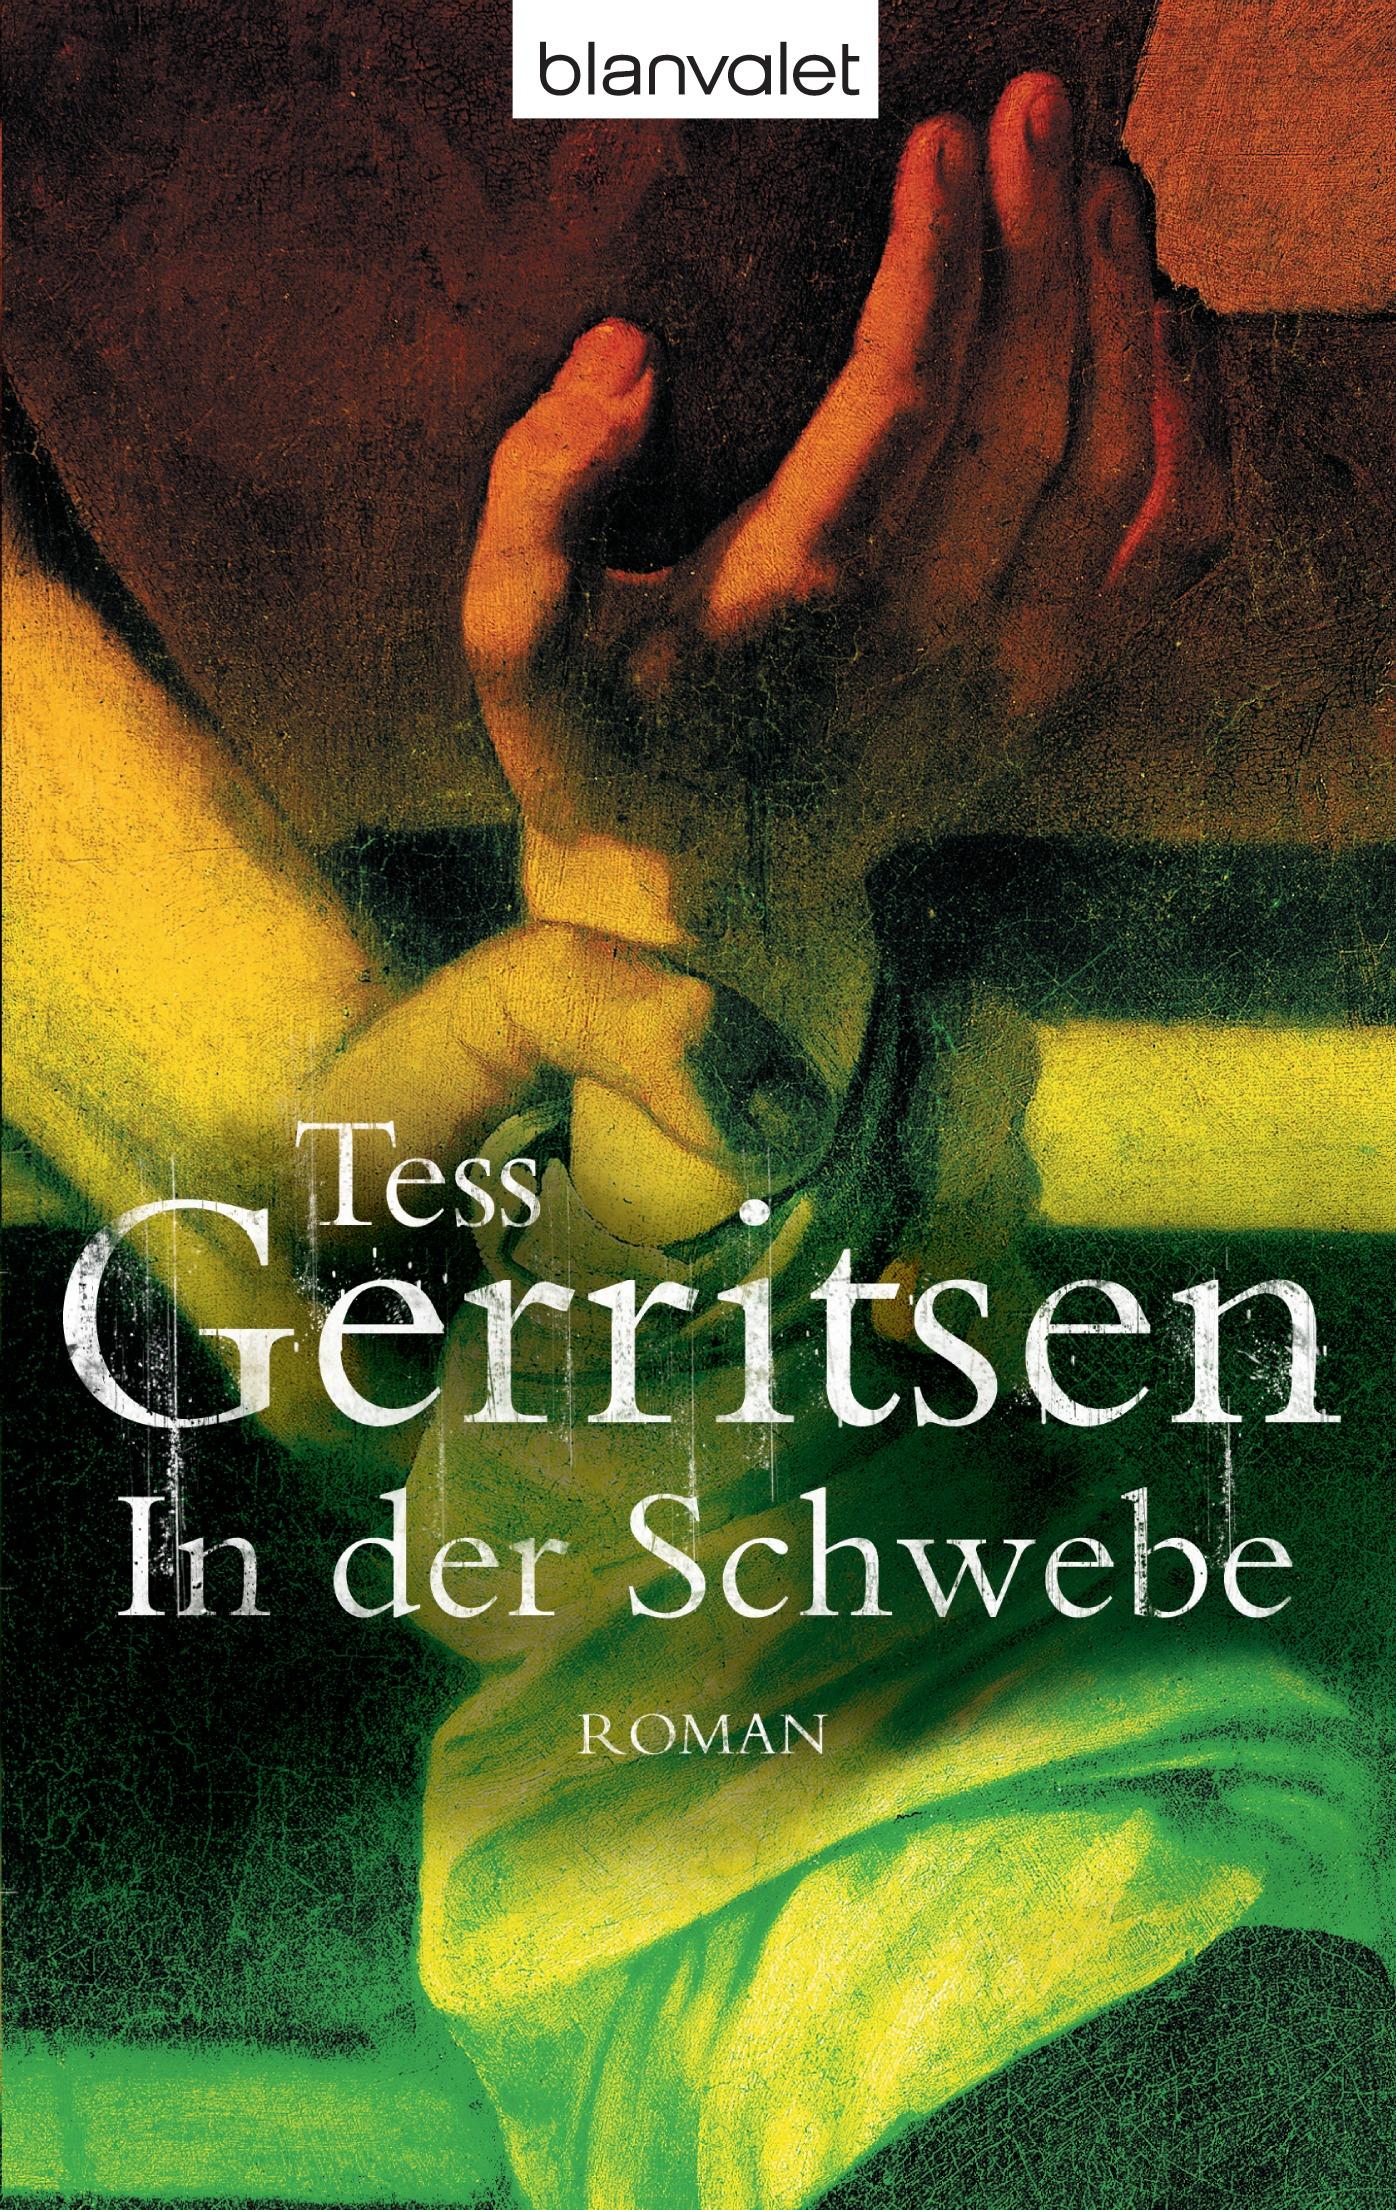 In der Schwebe - Tess Gerritsen [8. Auflage 2007]